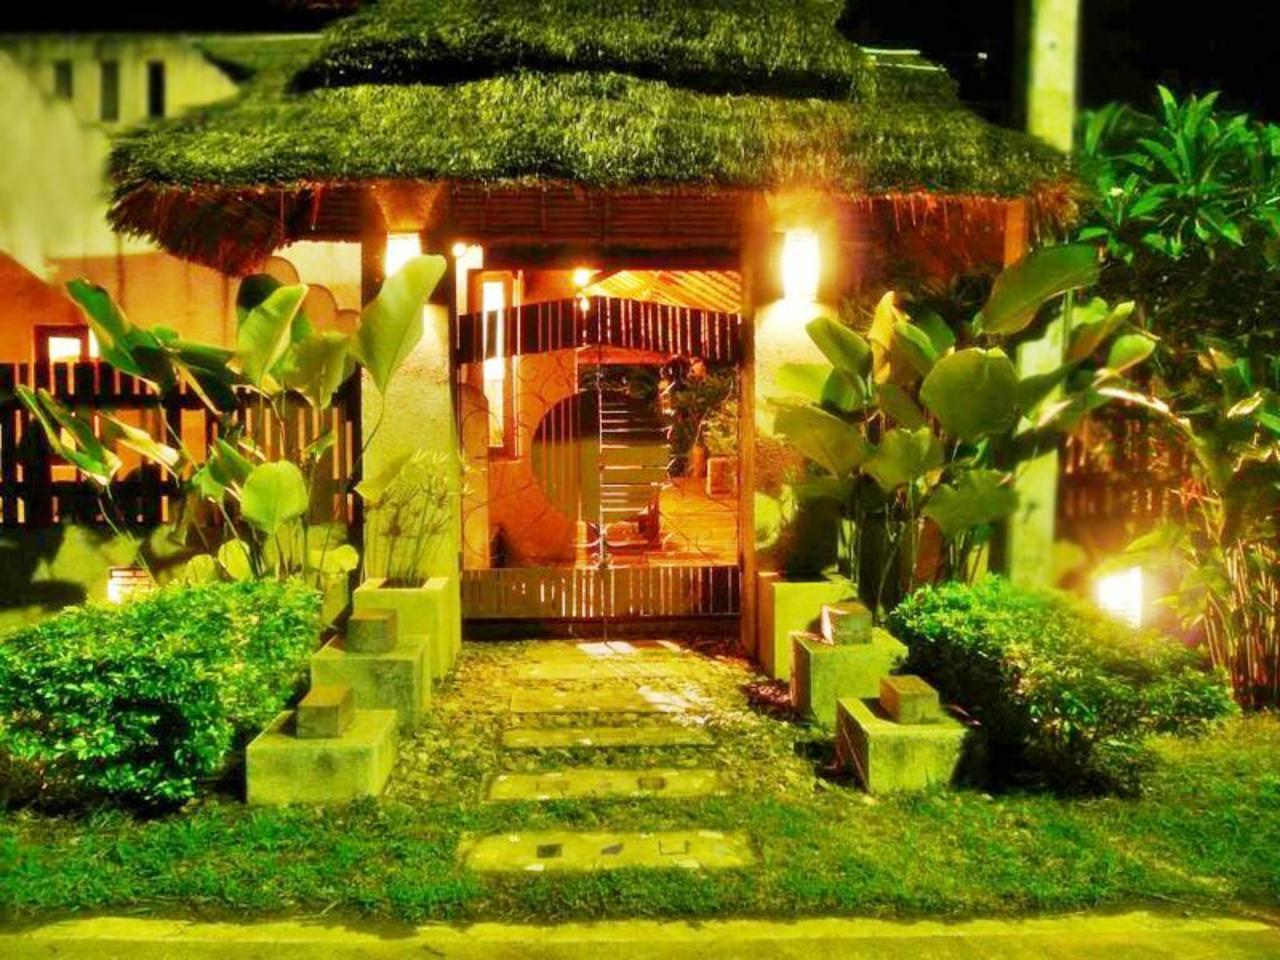 กิมส์ รีสอร์ท (Gims Resort)